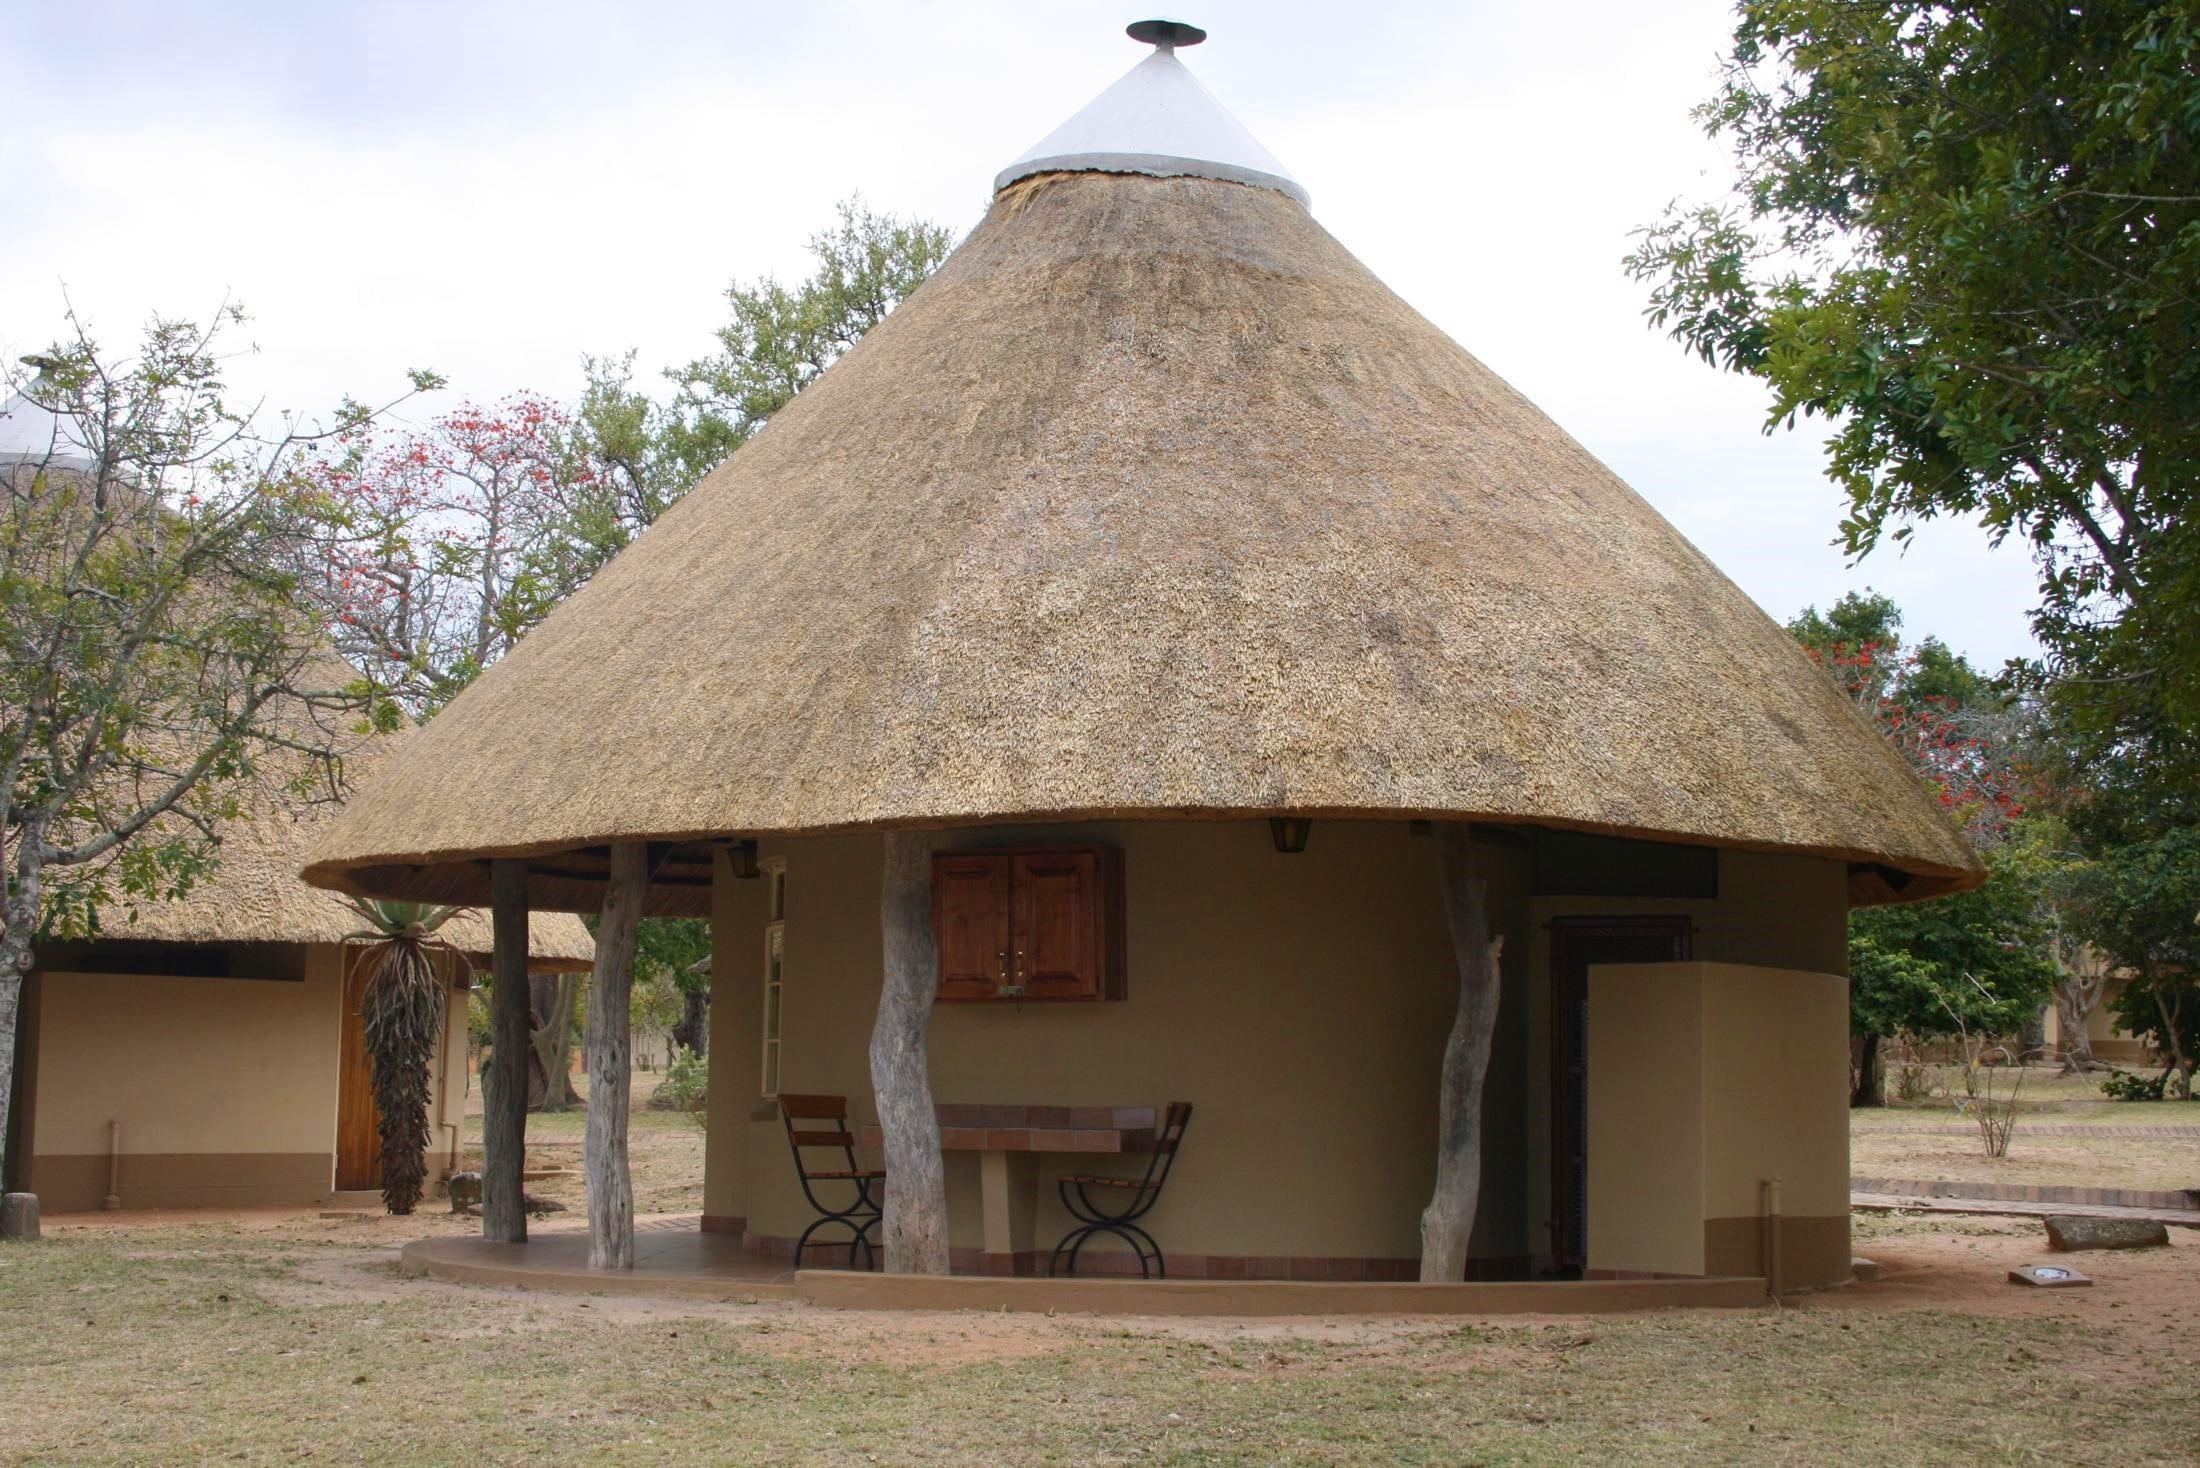 Safari reizen Zuid-Afrika: Accommodatie in de nationale parken: eenvoudig maar praktisch.